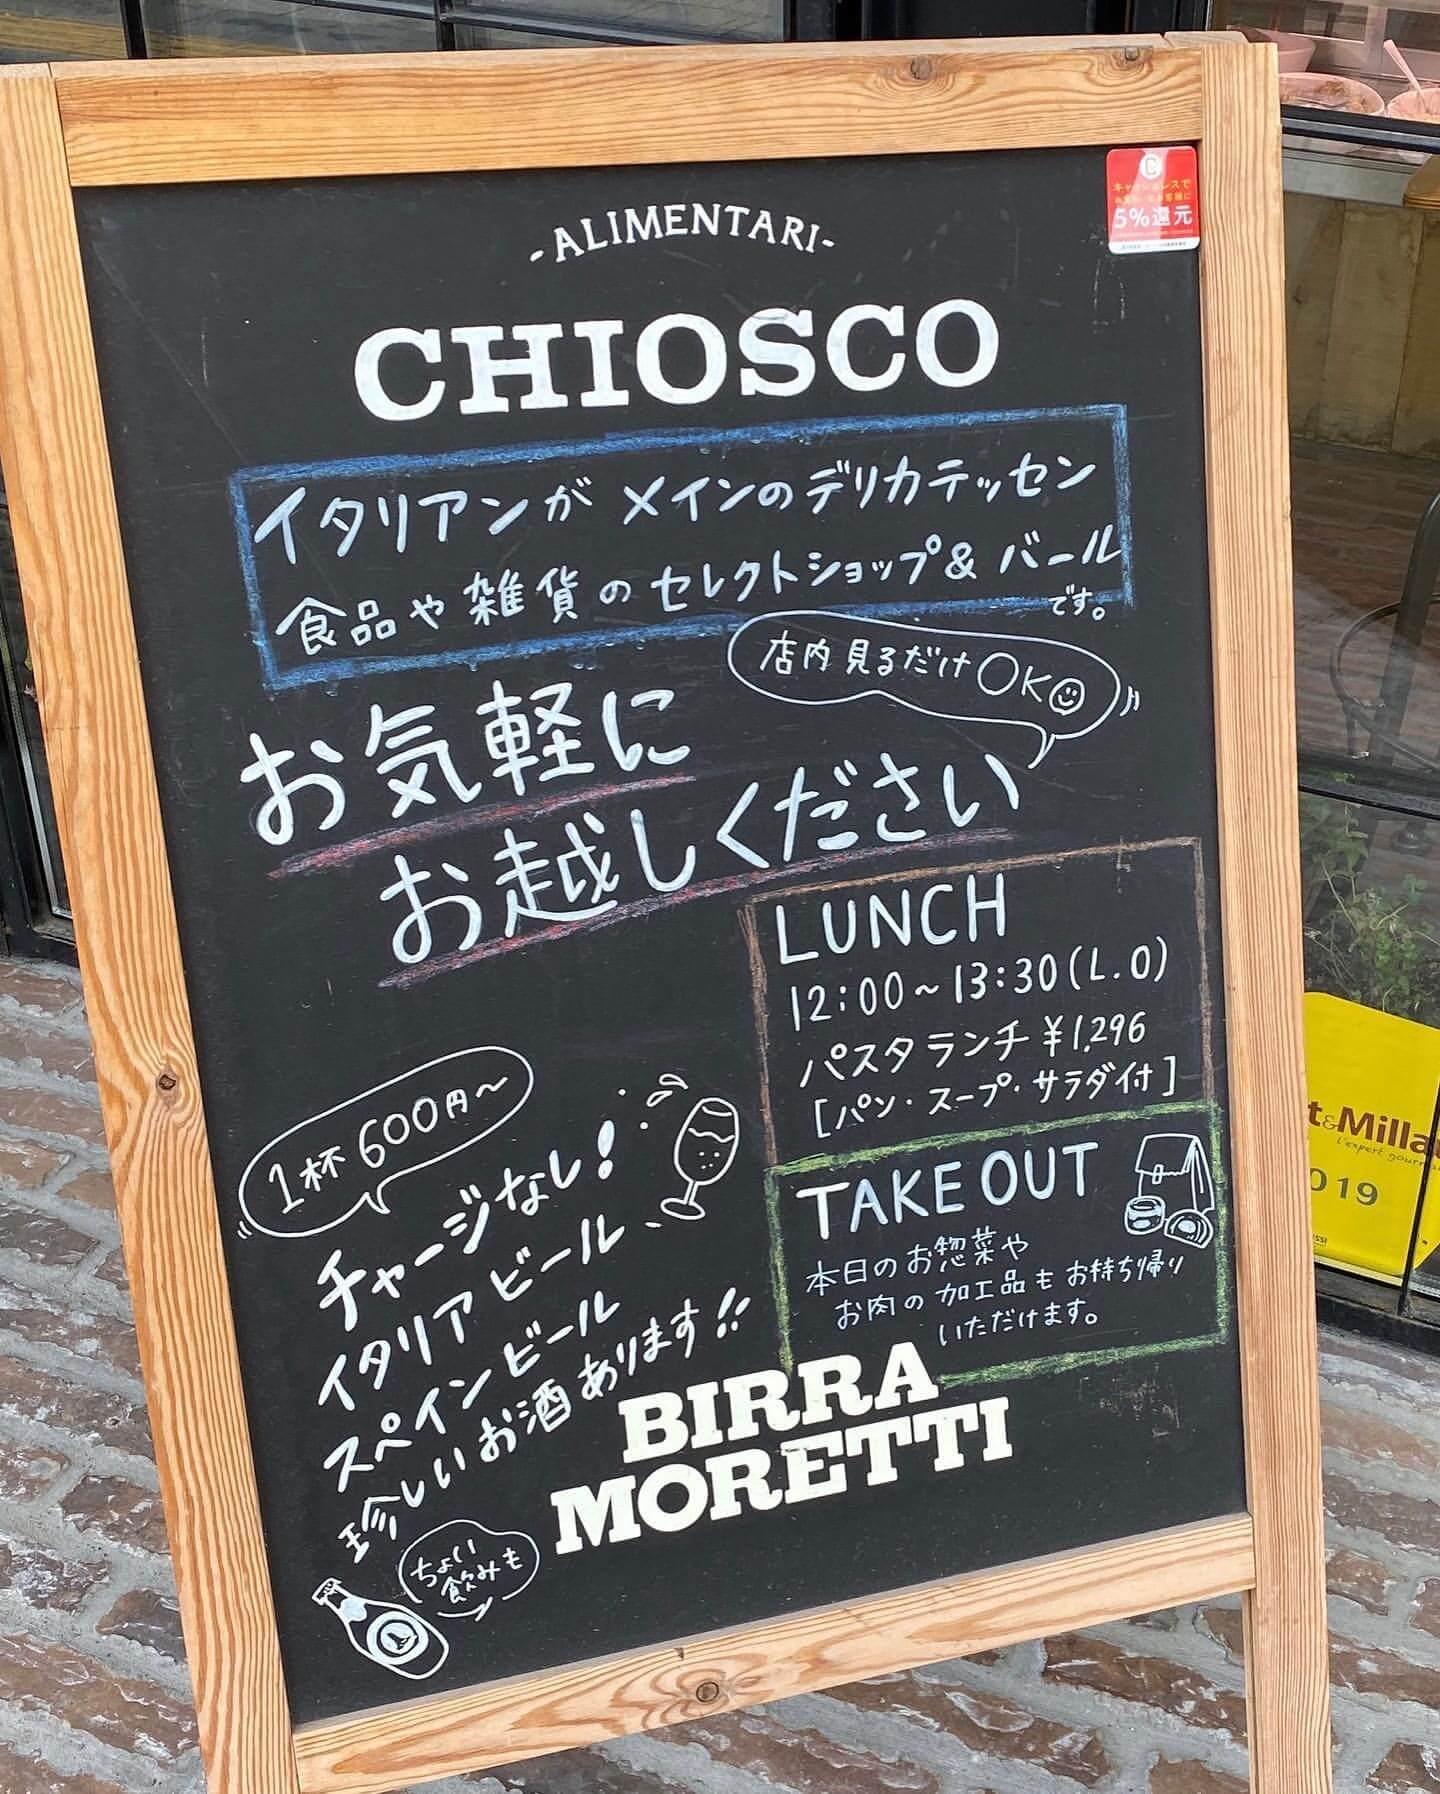 キオスコ(Chiosco)の看板